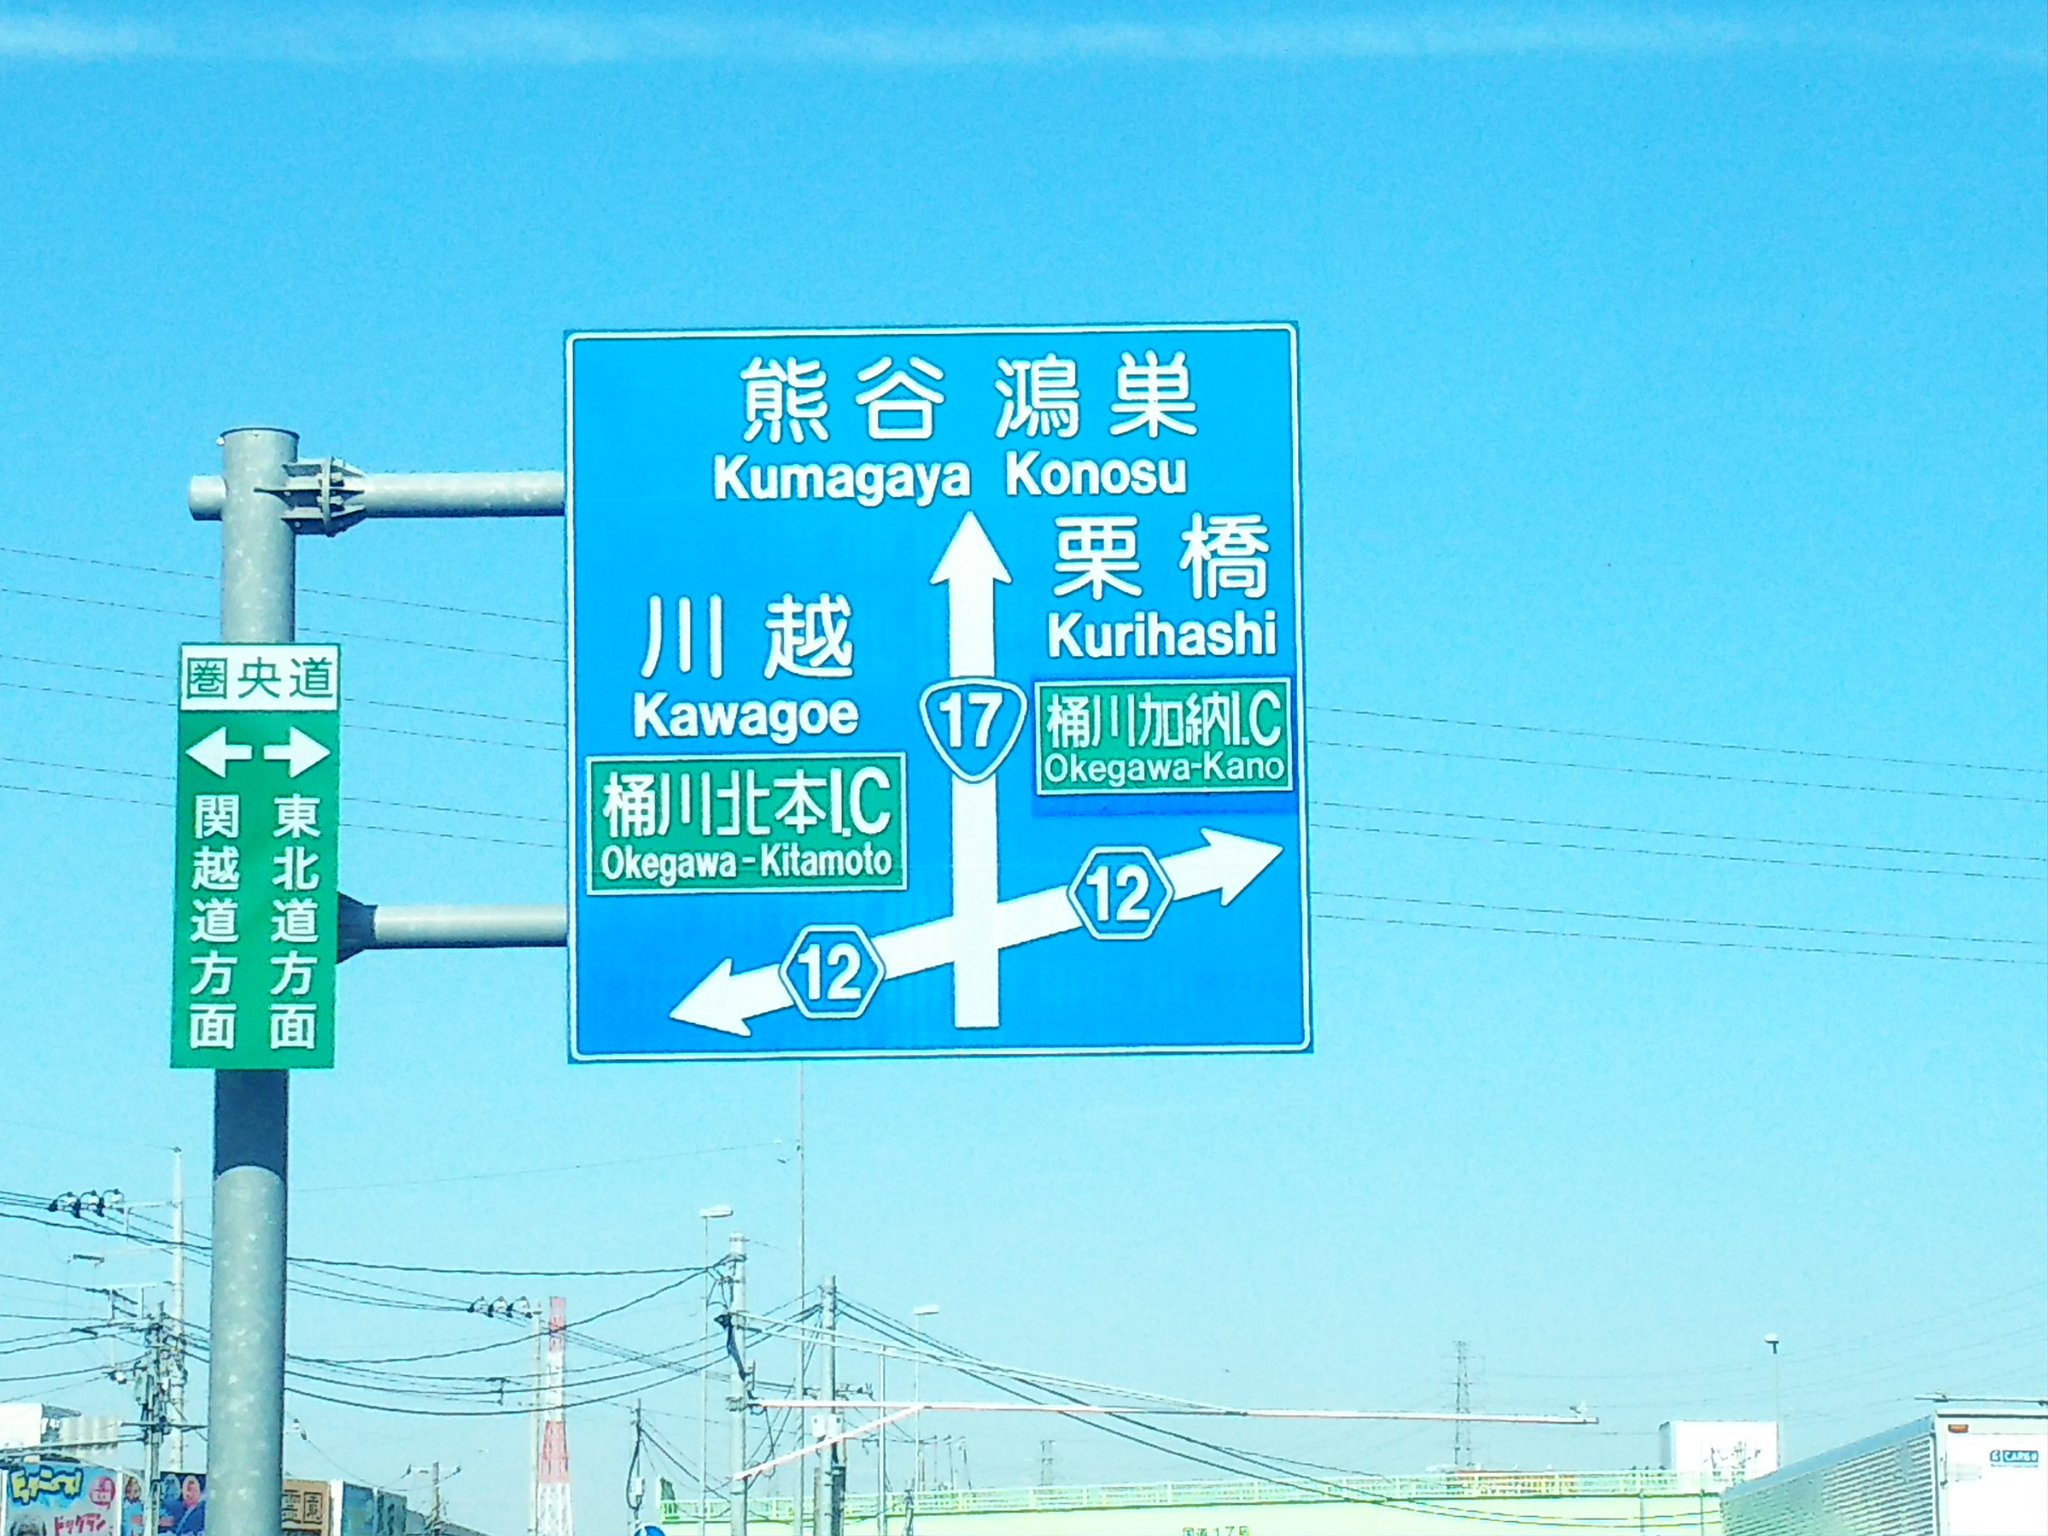 画像,えっ・・・坂戸で事故で桶川⇒坂戸まで渋滞とかマ・・・😧 https://t.co/FTvN5CieiO。